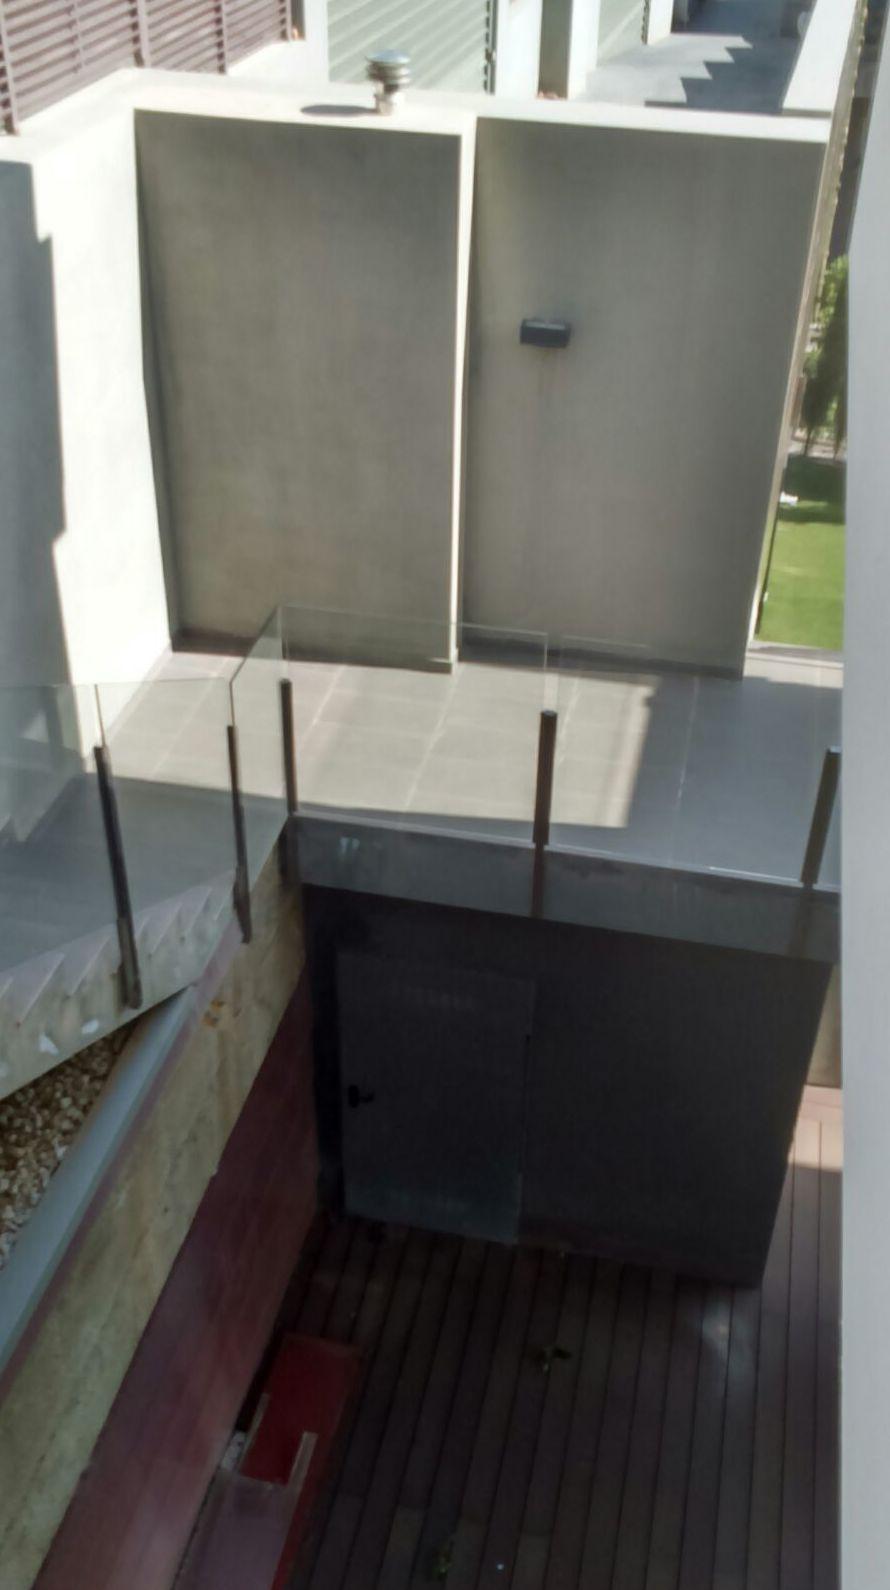 Foto 163 de Carpintería de aluminio, metálica y PVC en  | Exposición, Carpintería de aluminio- toldos-cerrajeria - reformas del hogar.